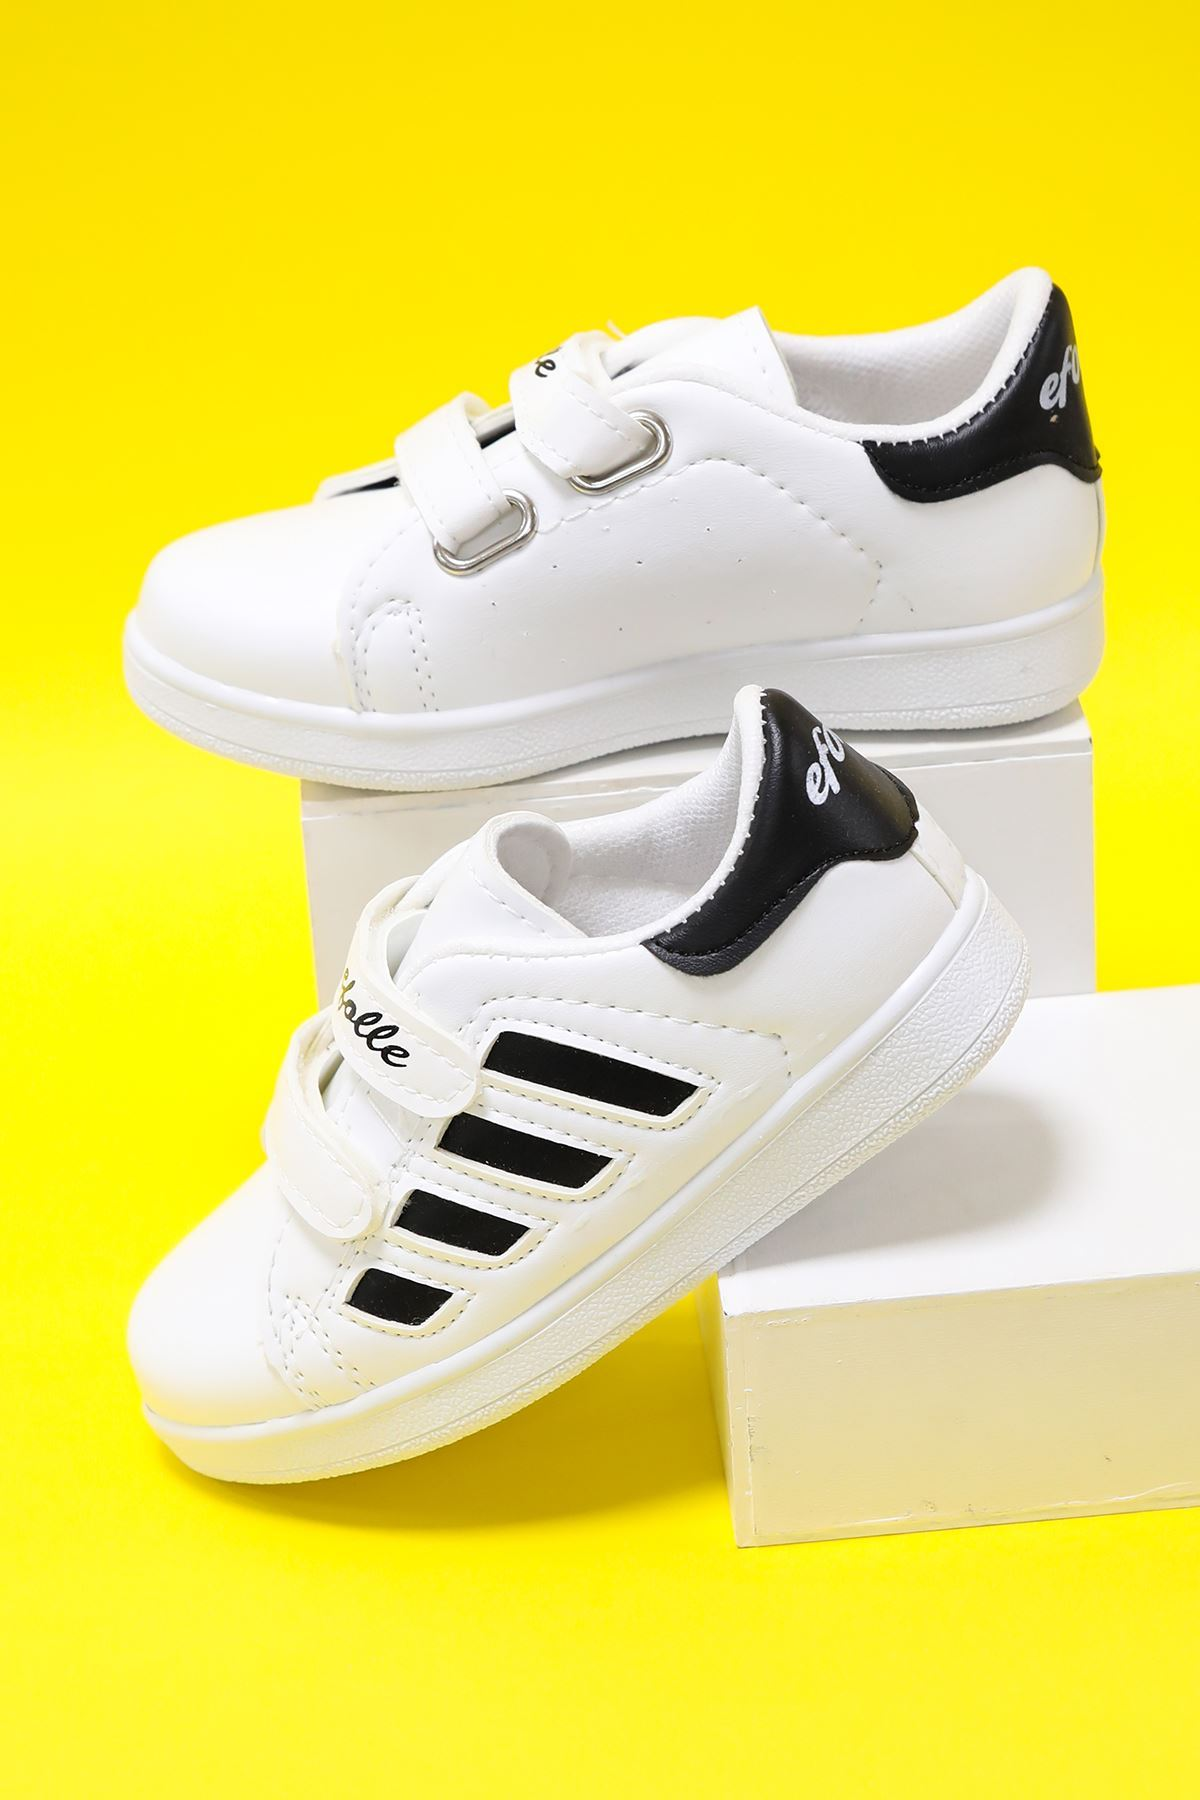 Beyaz Yanı Siyah Şeritli Çocuk Ayakkabı